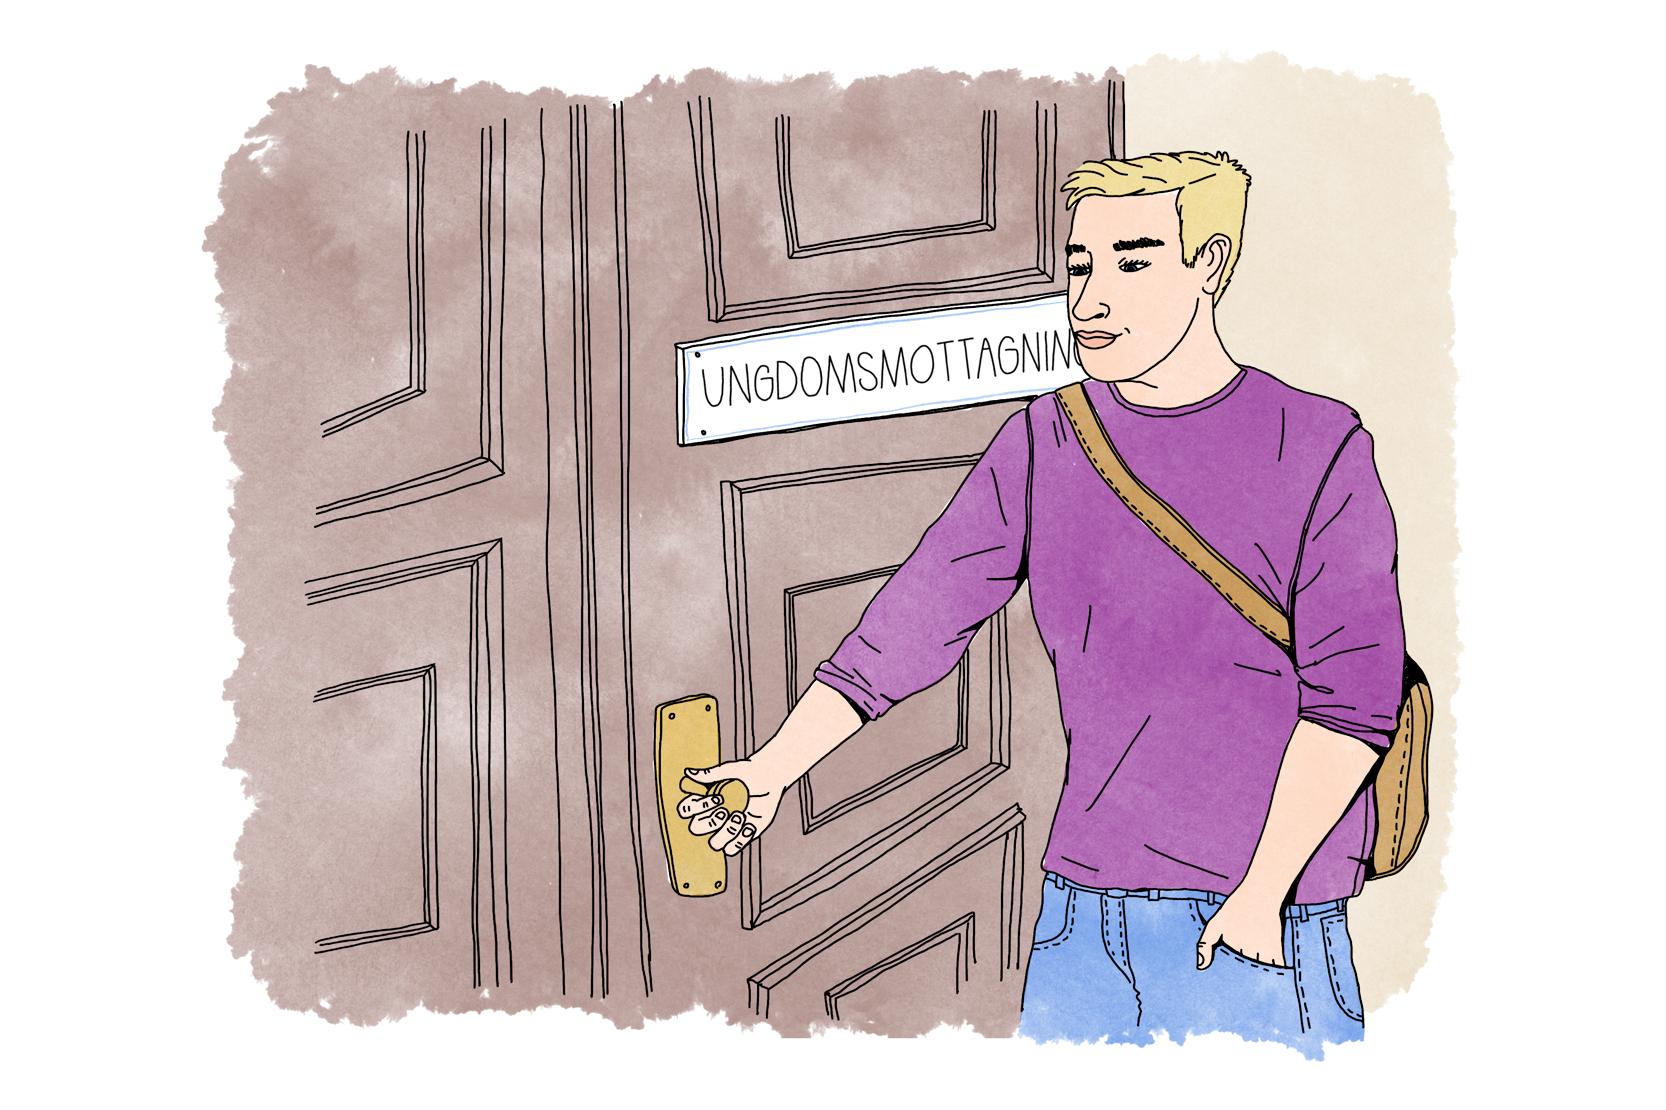 En person som står utanför en dörr med skylten Ungdomsmottagning. Hen håller i dörrens handtag.